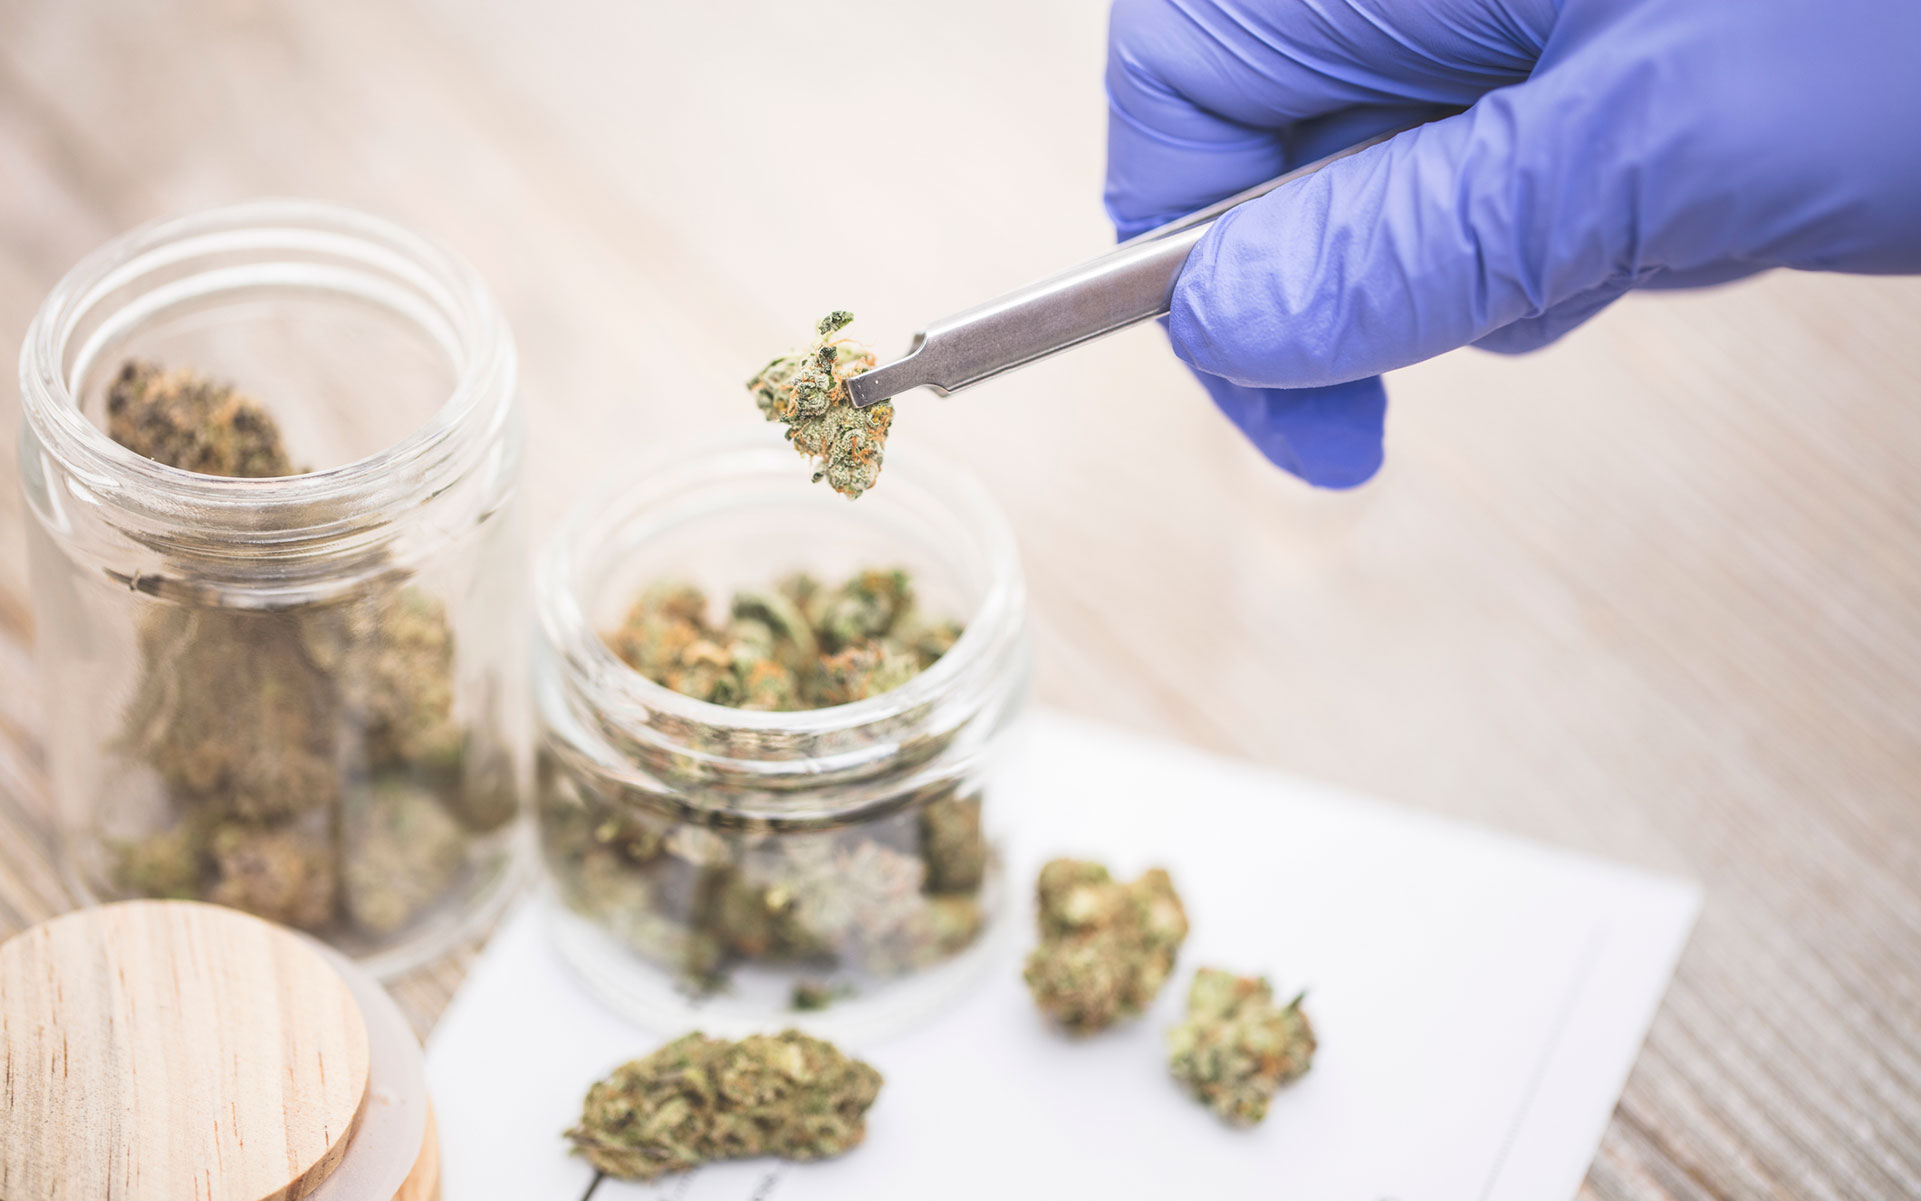 oklahoma marijuana legalization